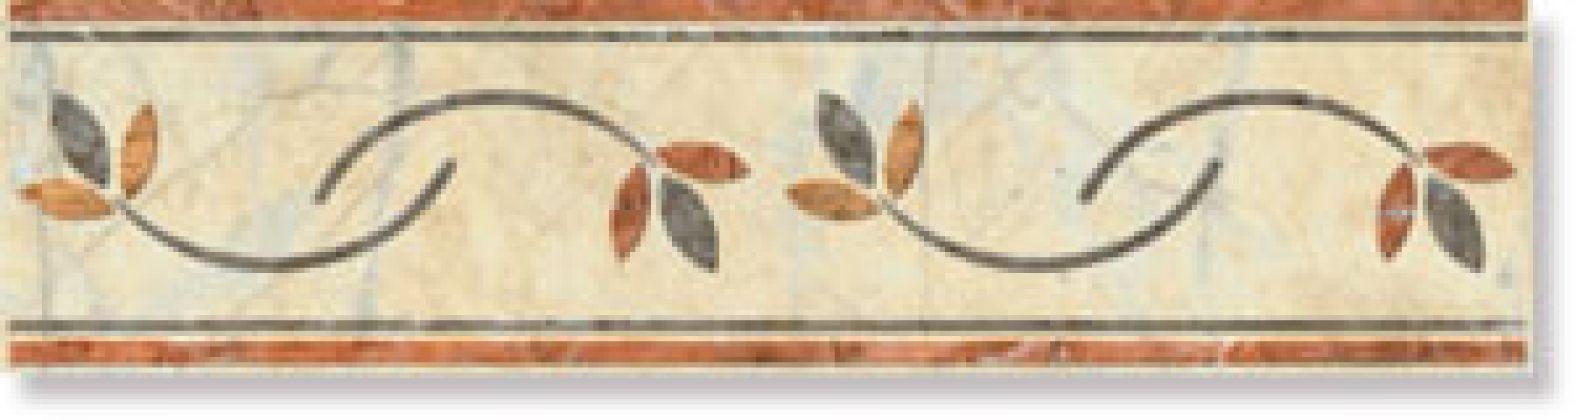 Бордюр Mesina Marfil 11x45